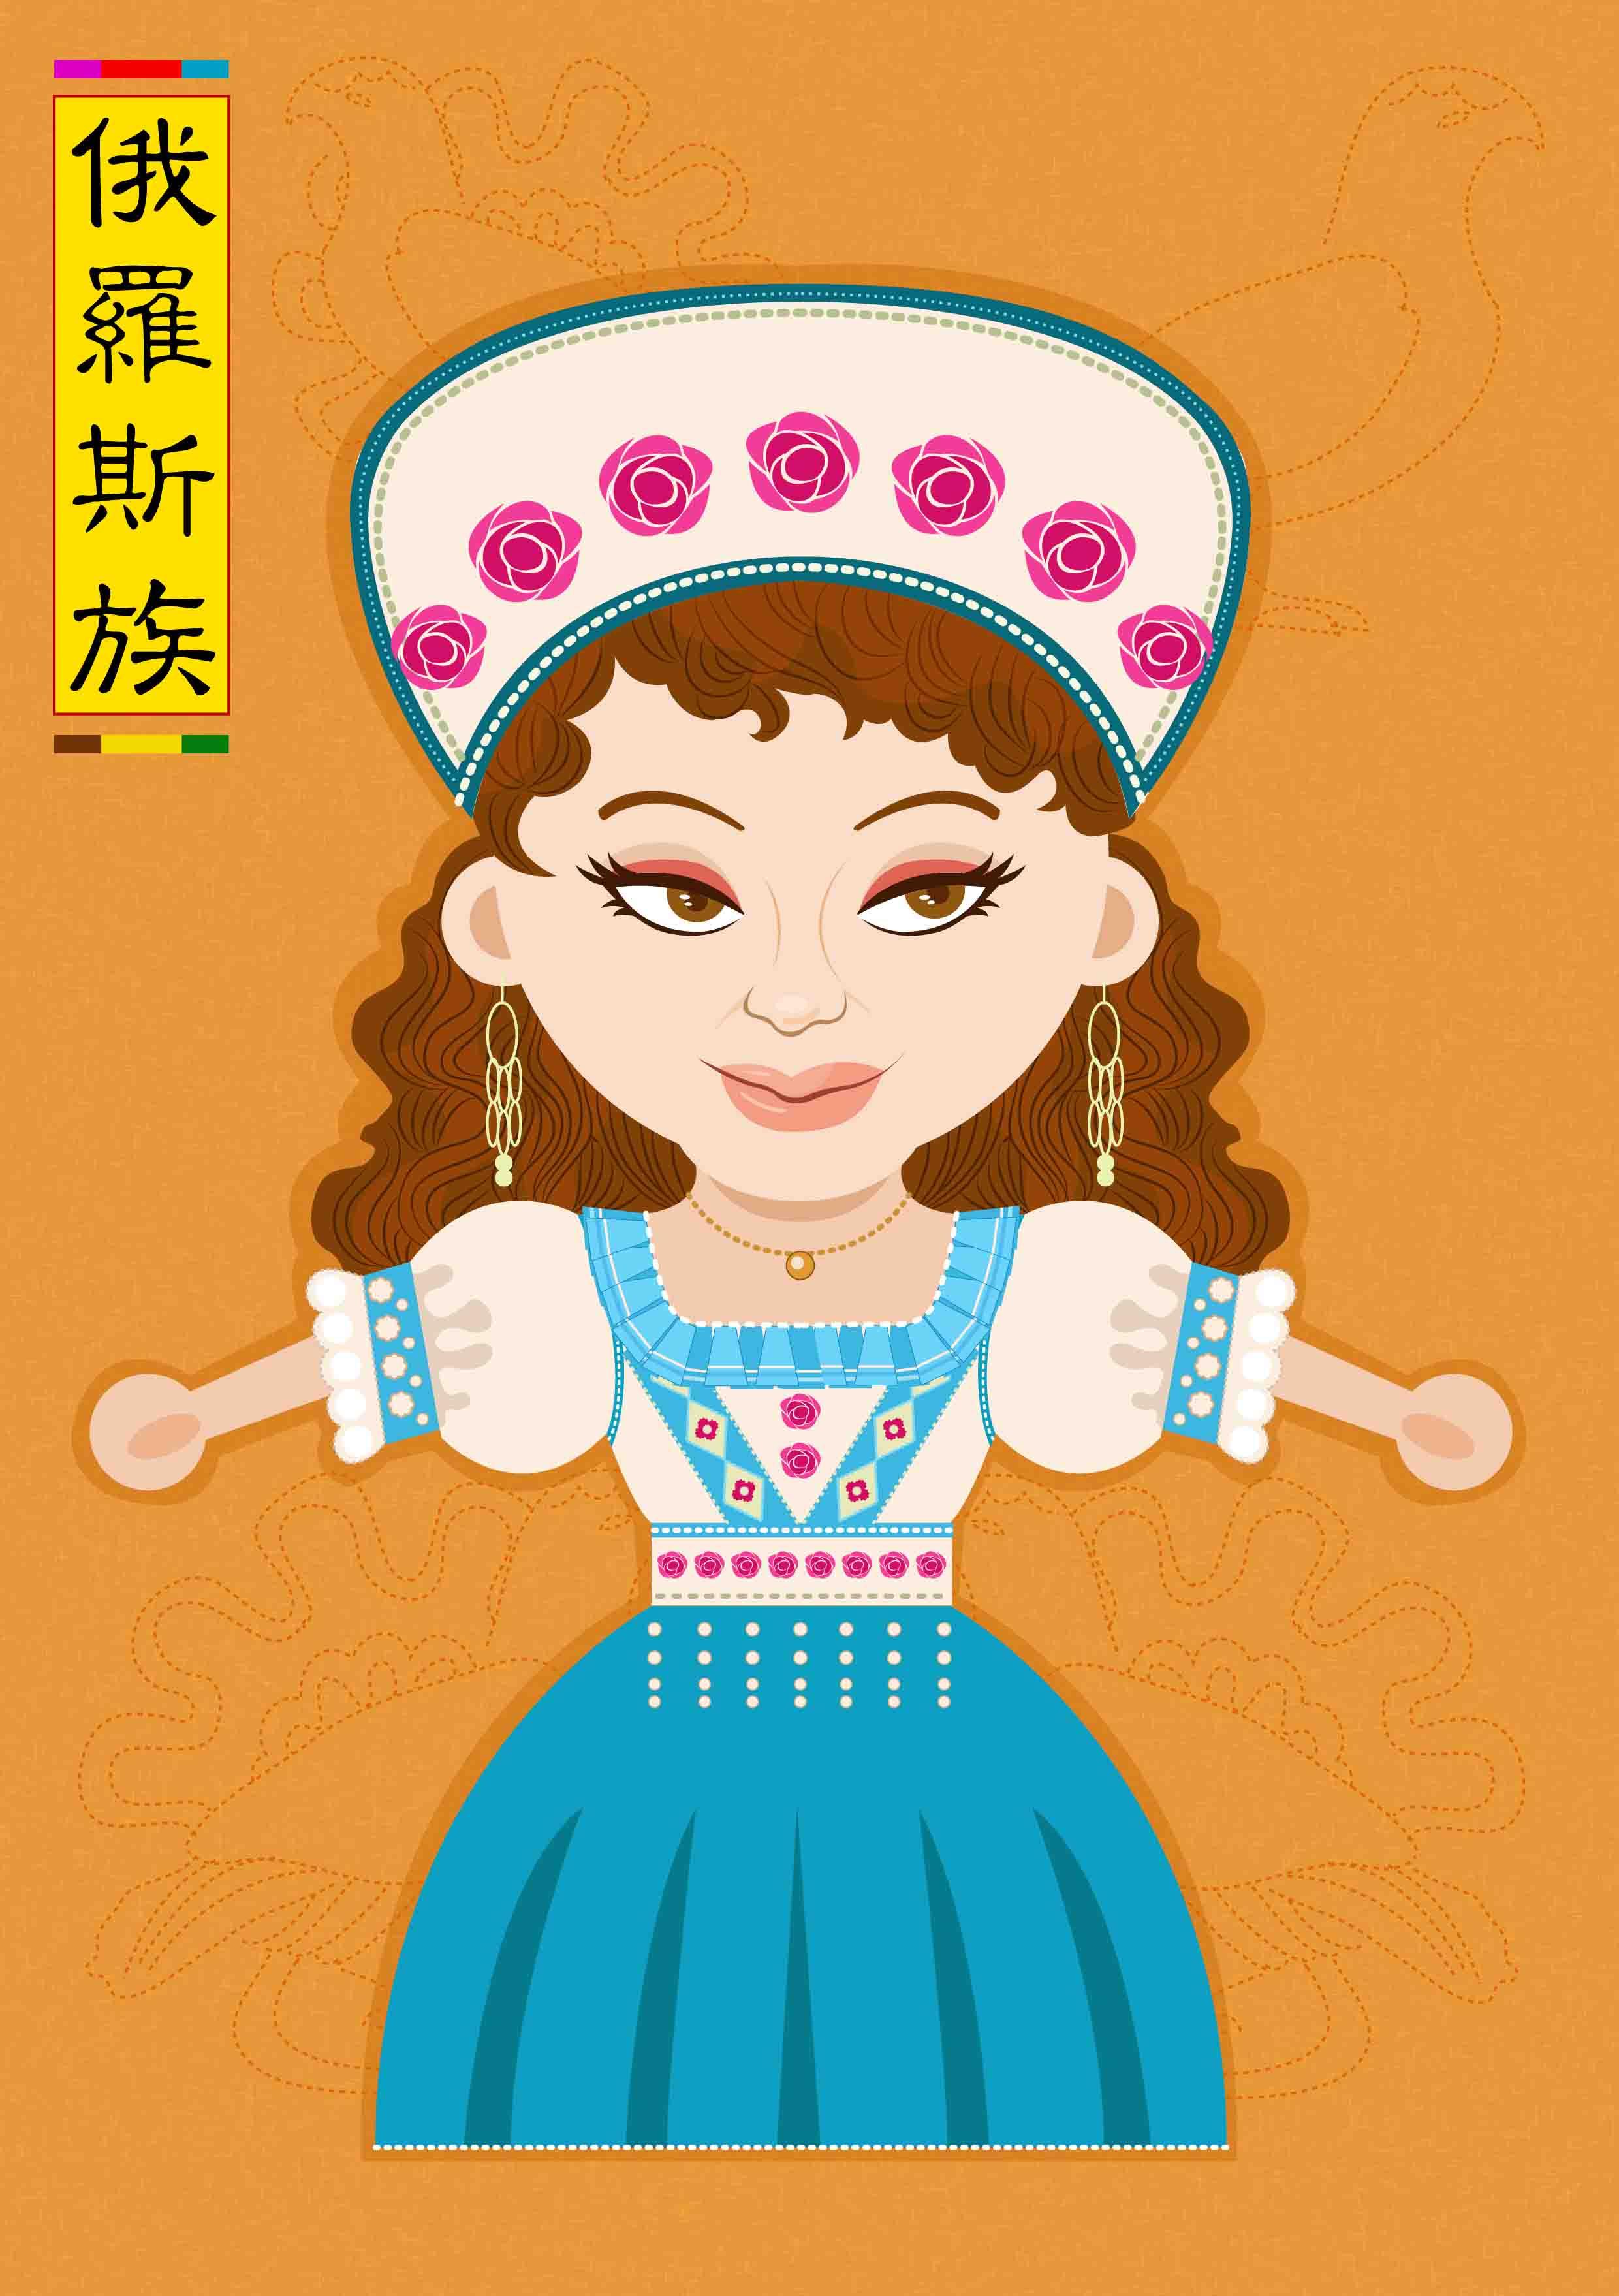 少数民族服饰推广 卡通人物形象设计